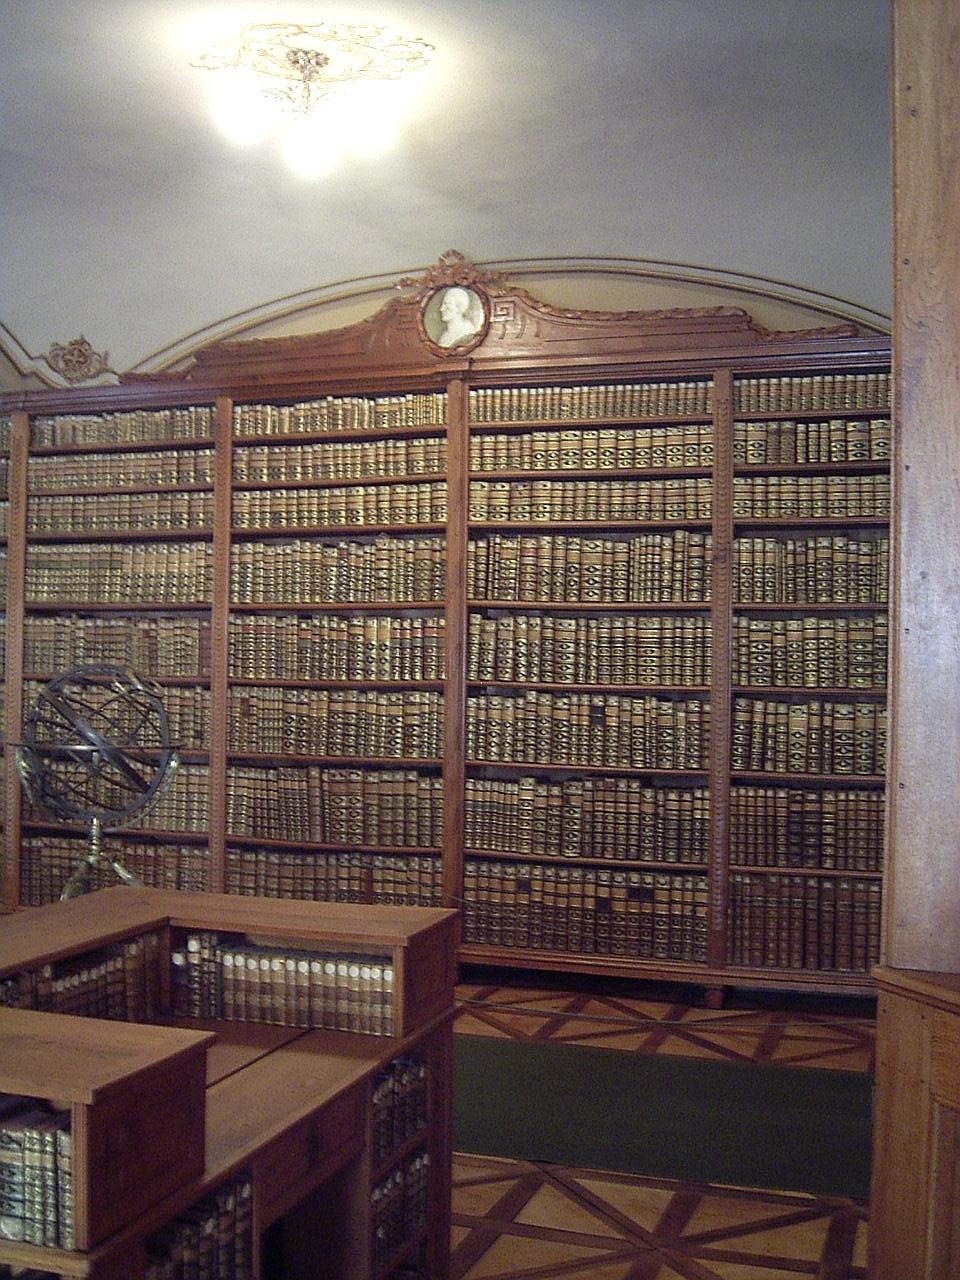 tl.wikipedia.org